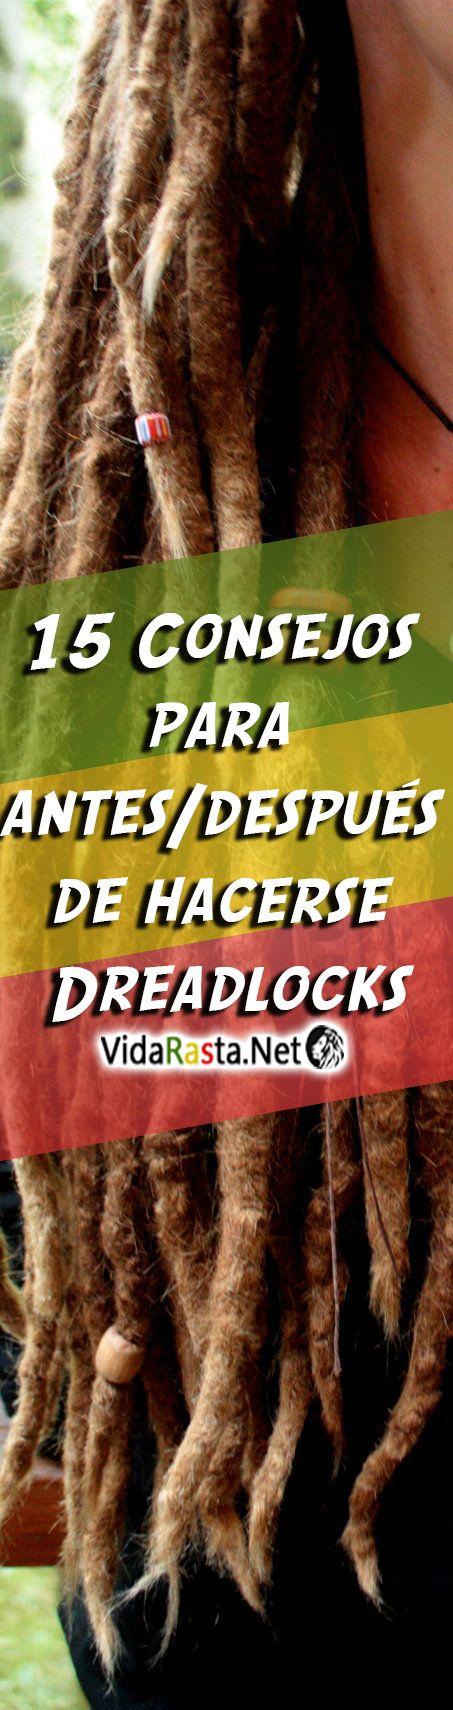 15 Consejos para antes/después de hacerse Dreadlocks  #Dreadlocks #Rastas #VidaRasta